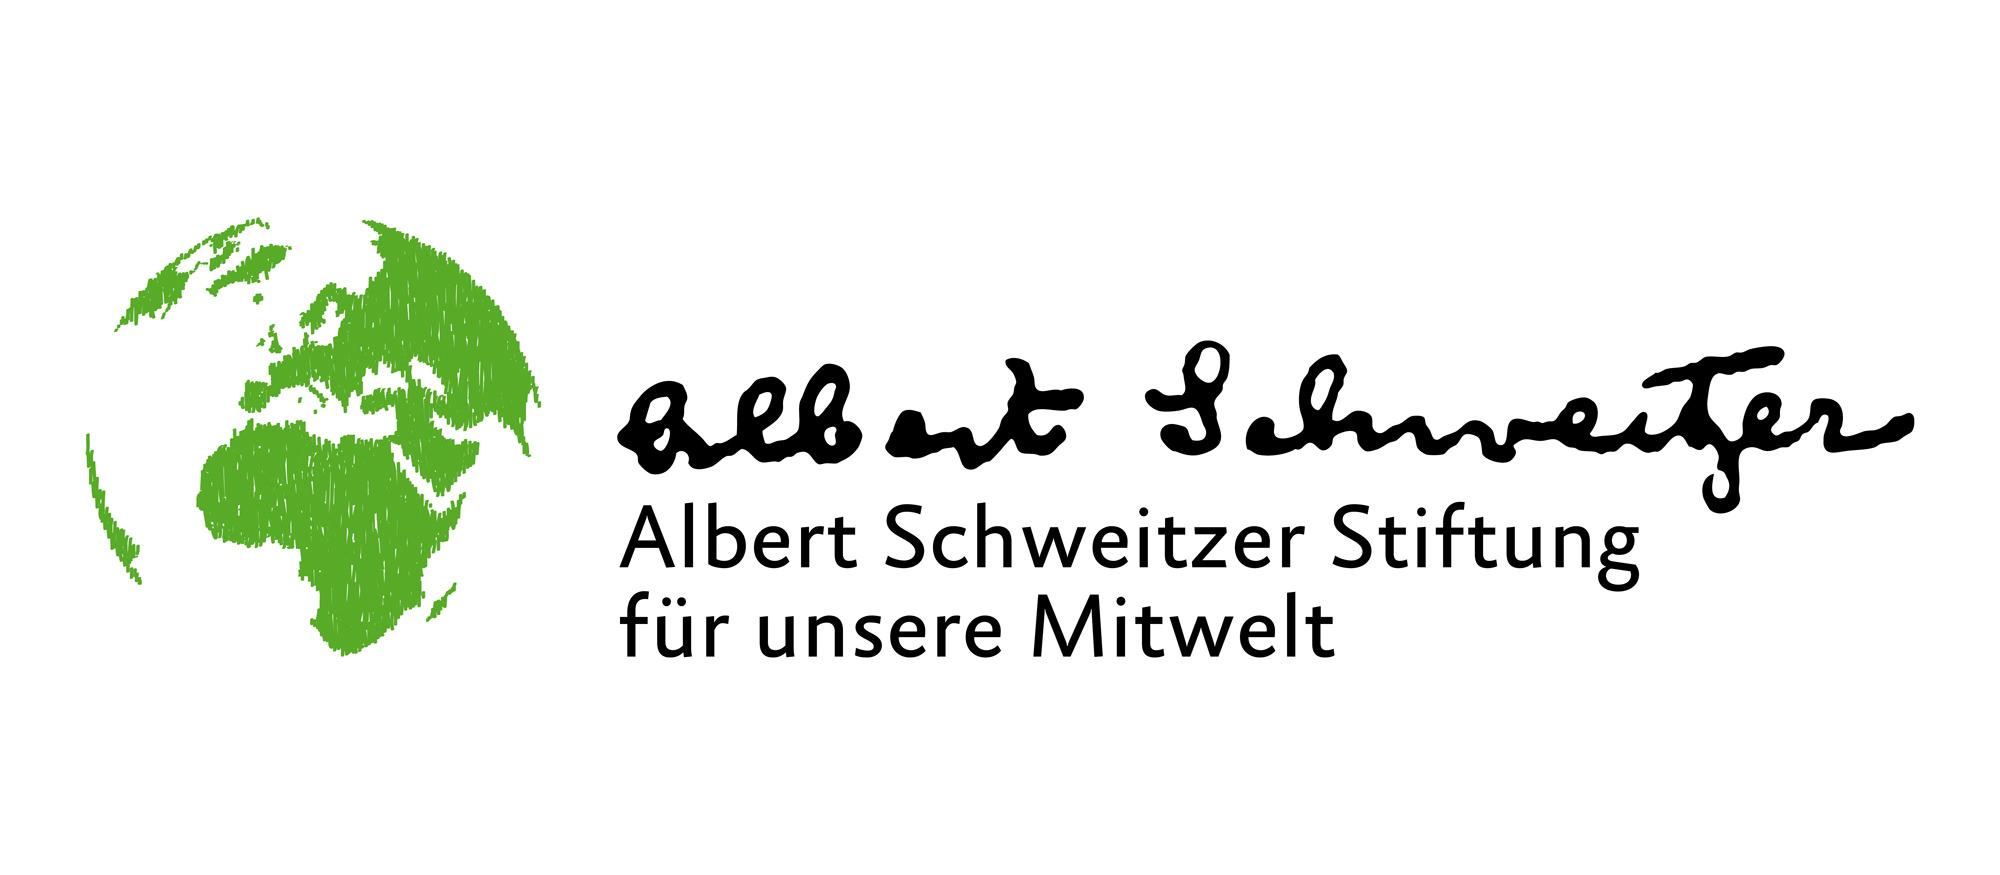 ASS_Logo_2014_2000_600dpi